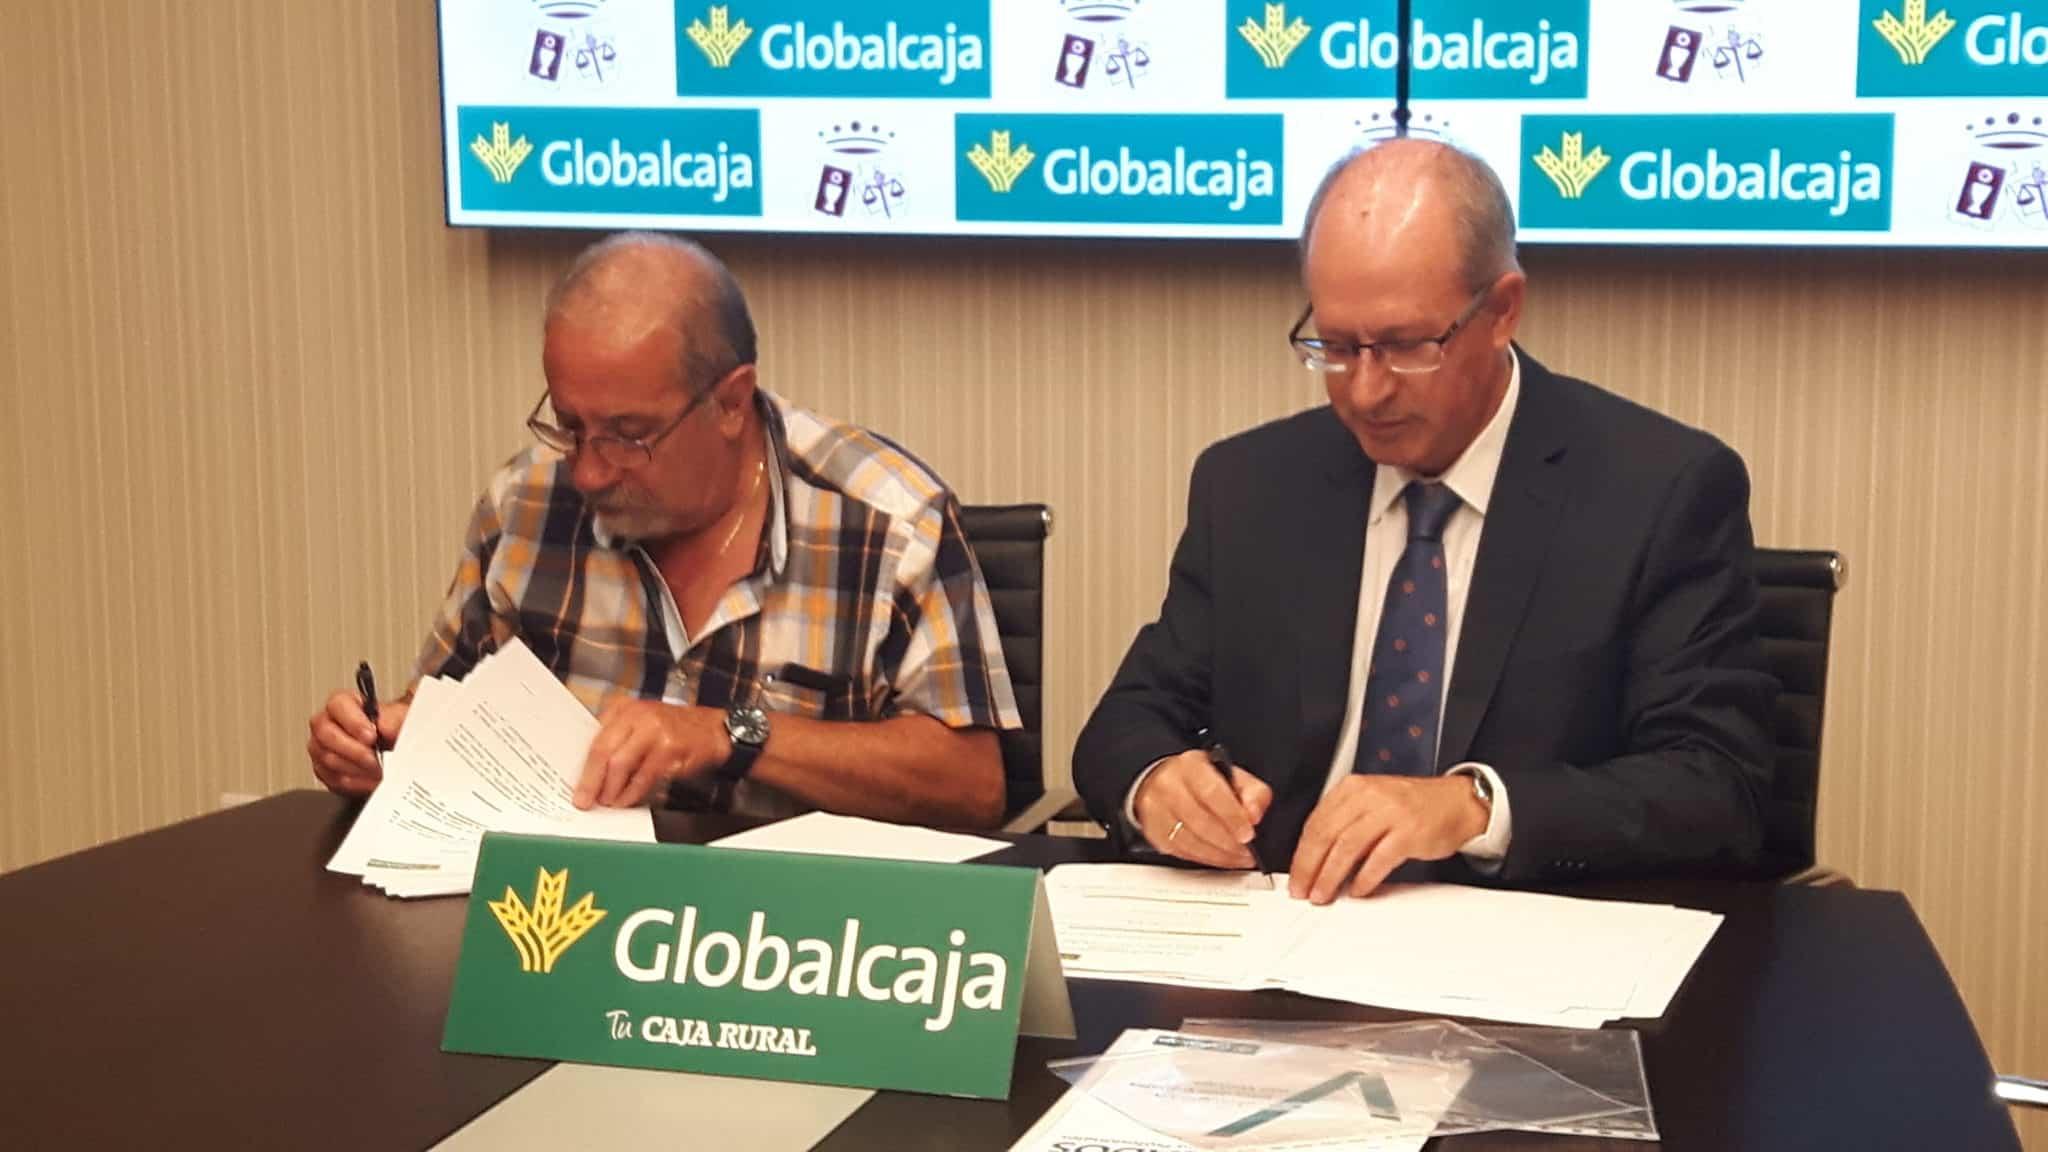 GLOBALCAJA FIRMA UN CONVENIO CON EL COLEGIO DE PROCURADORES DE CASTILLA-LA MANCHA